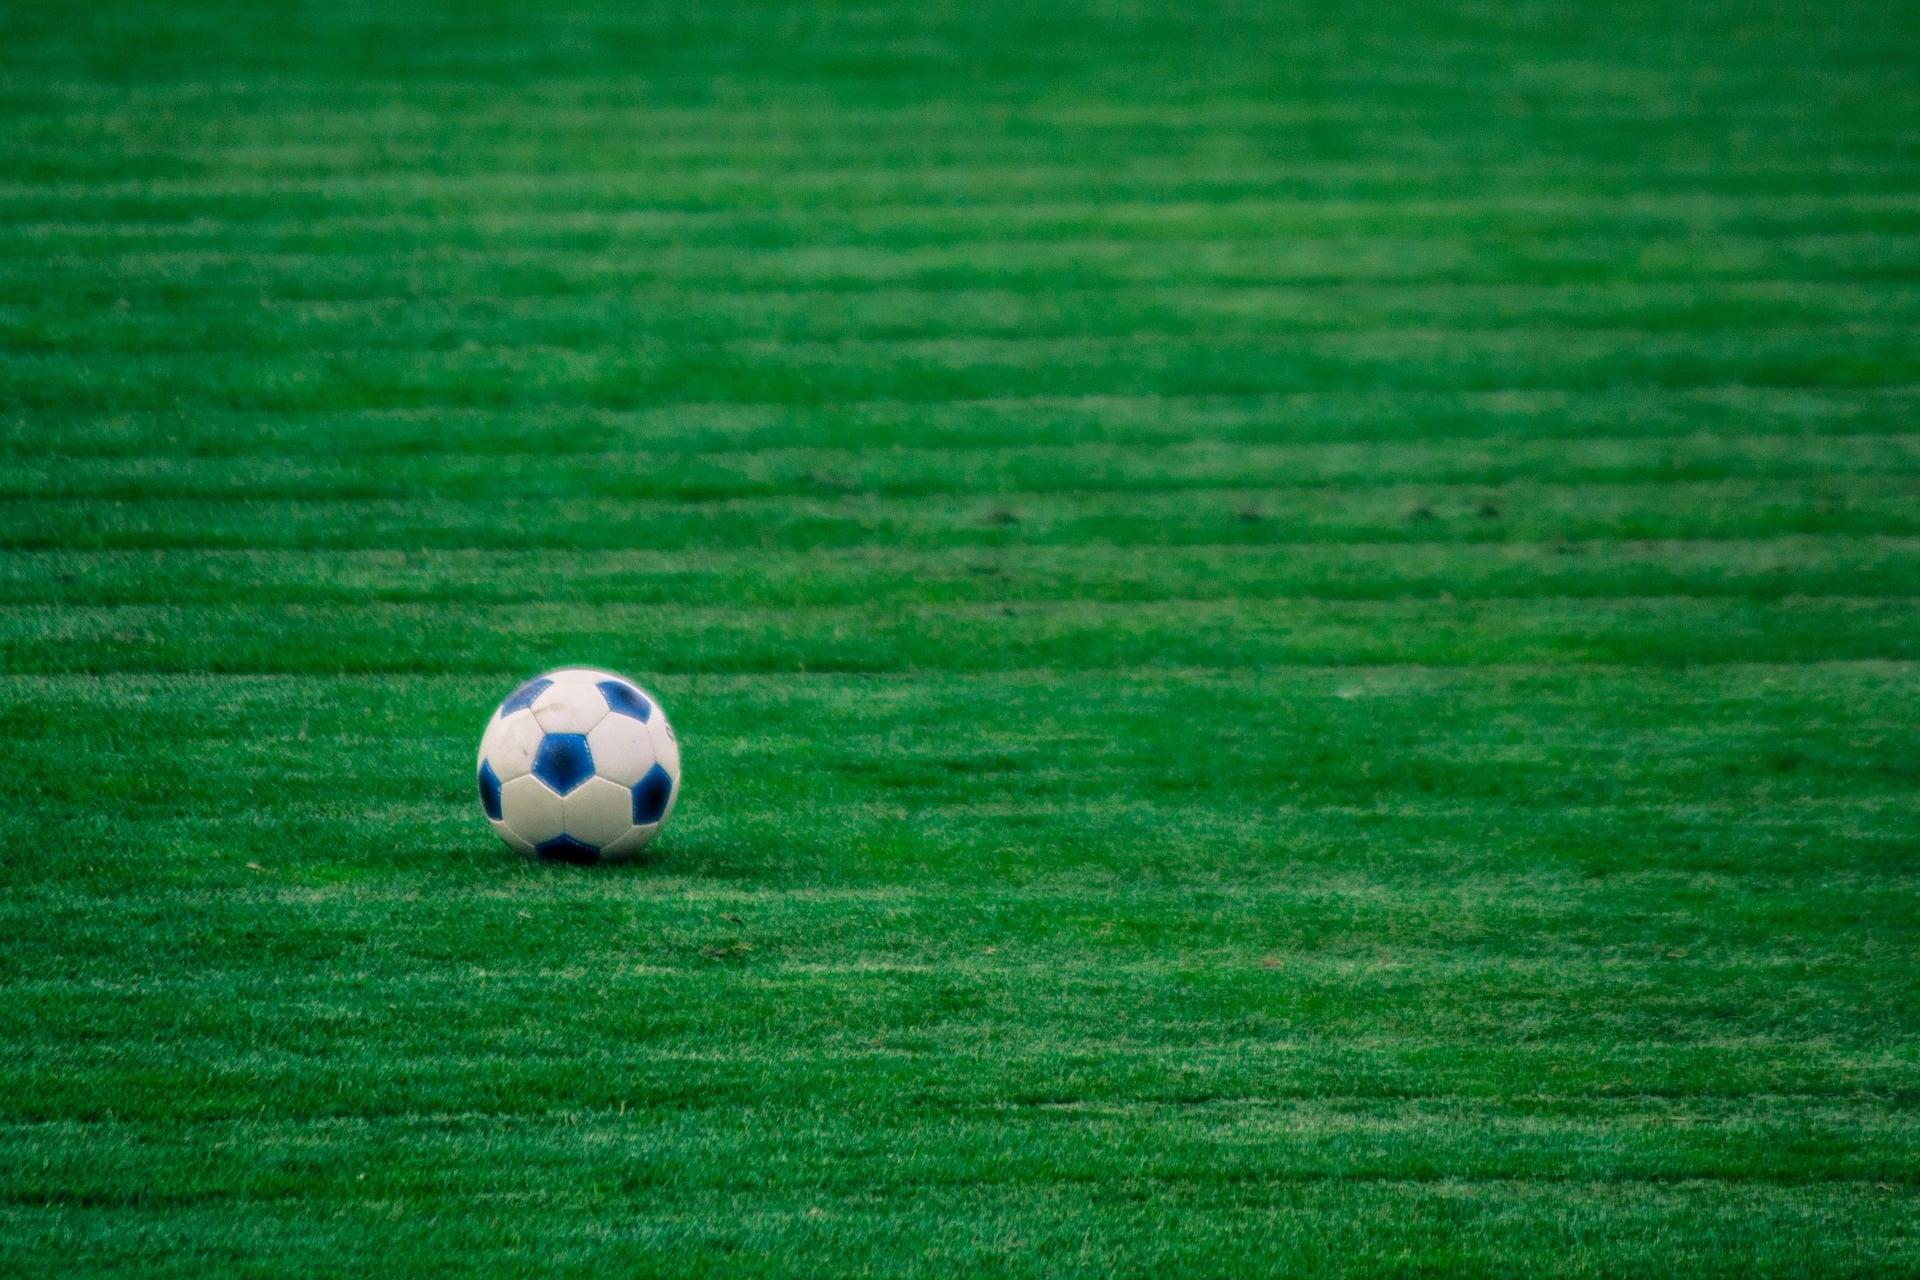 Promocja: Karnet na mecze PKO Ekstraklasy przy podpisaniu umowy z nc+ 23